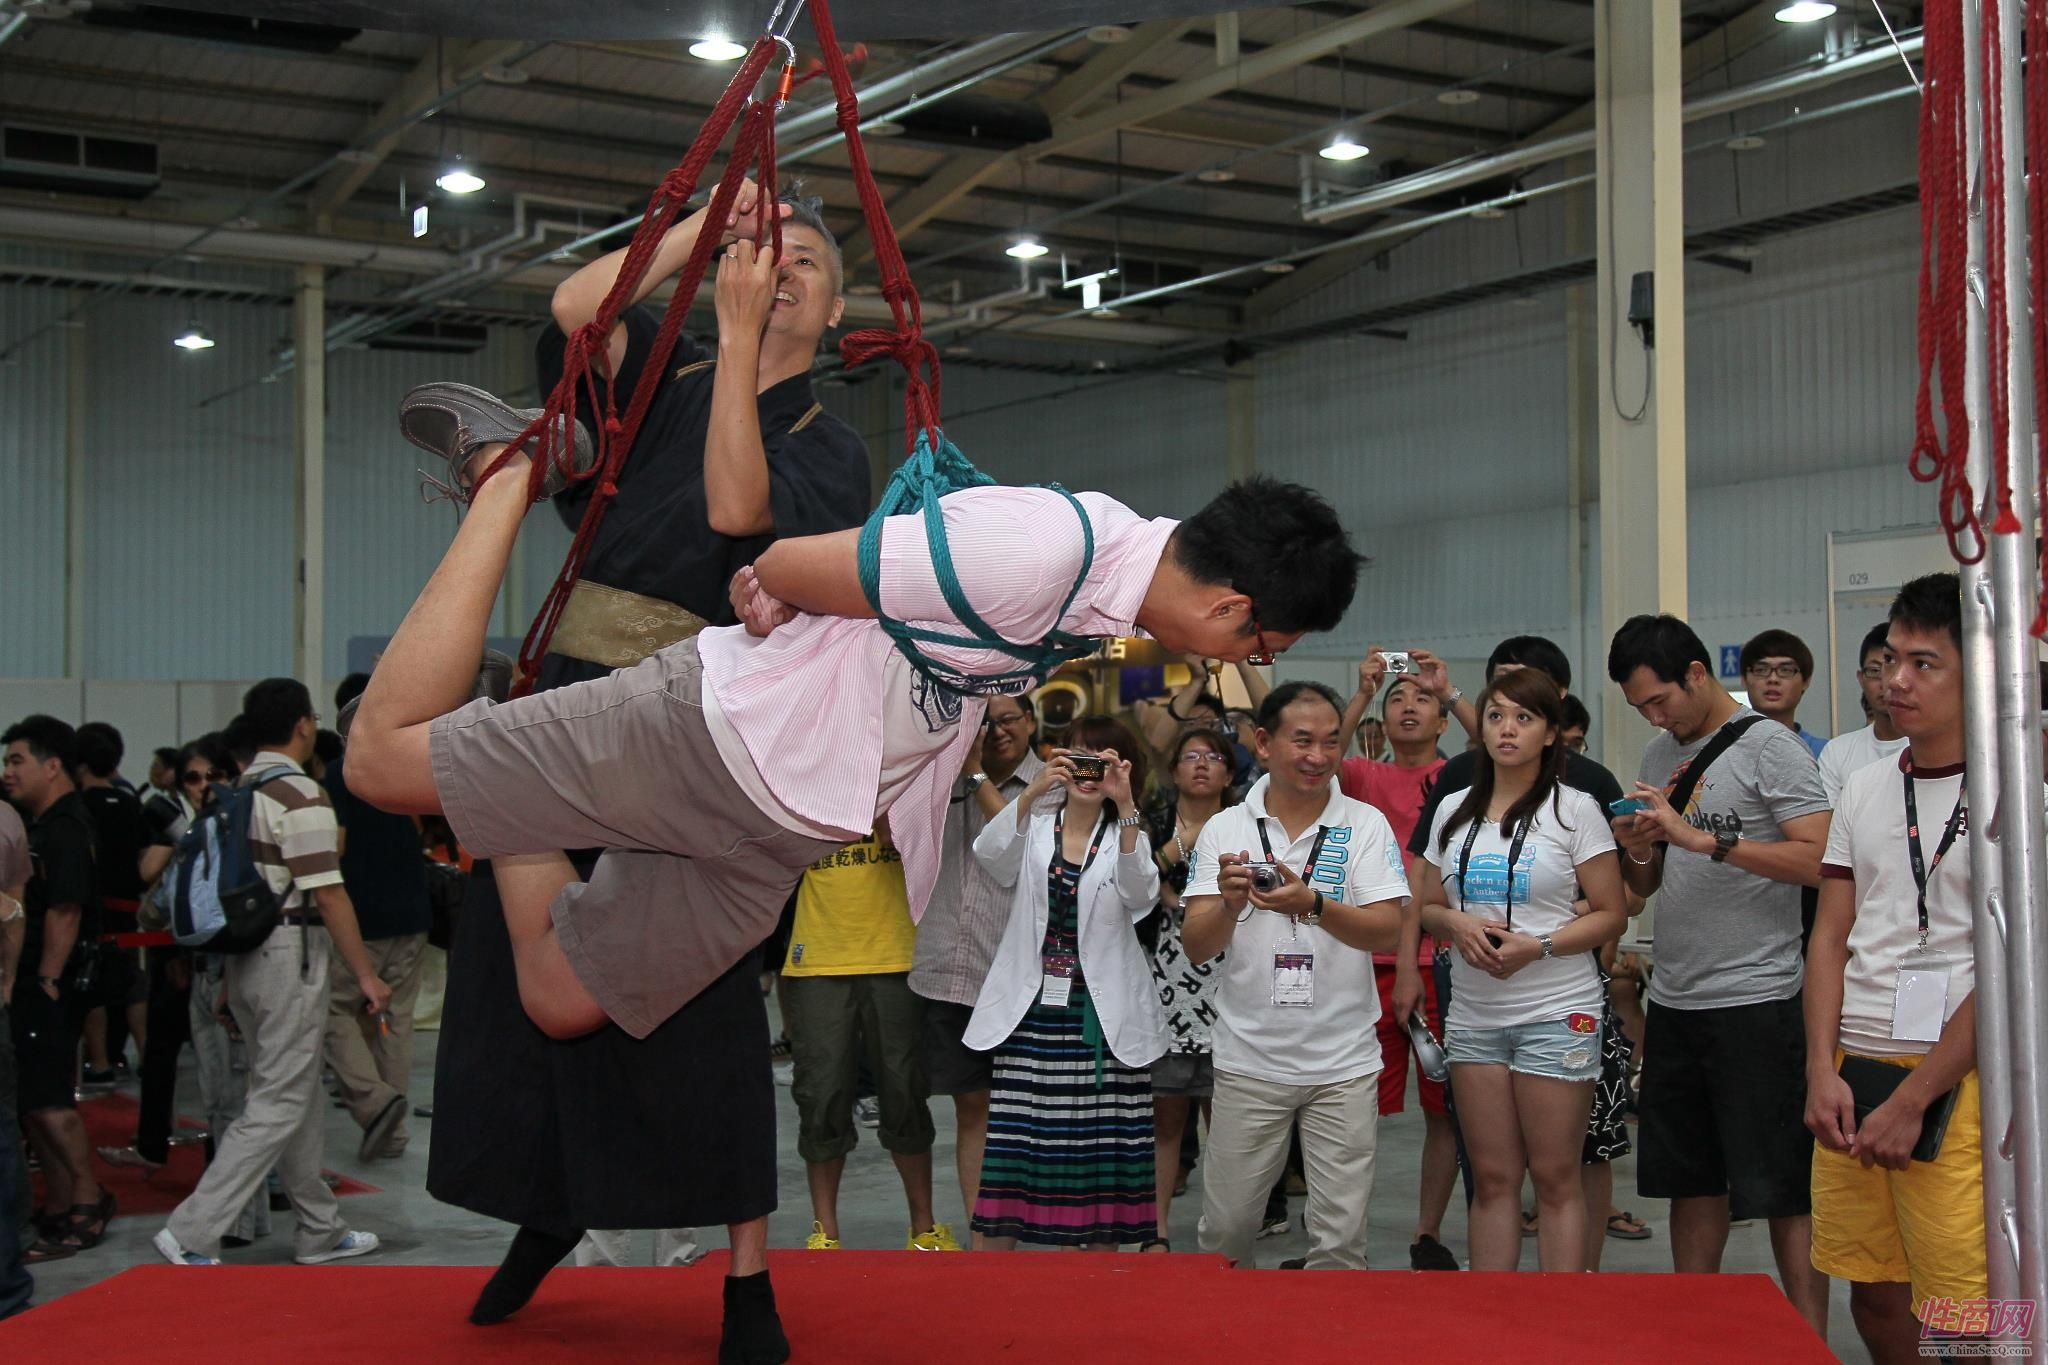 亚洲成人博览进入台湾瞄准宝岛性用品市场图片28